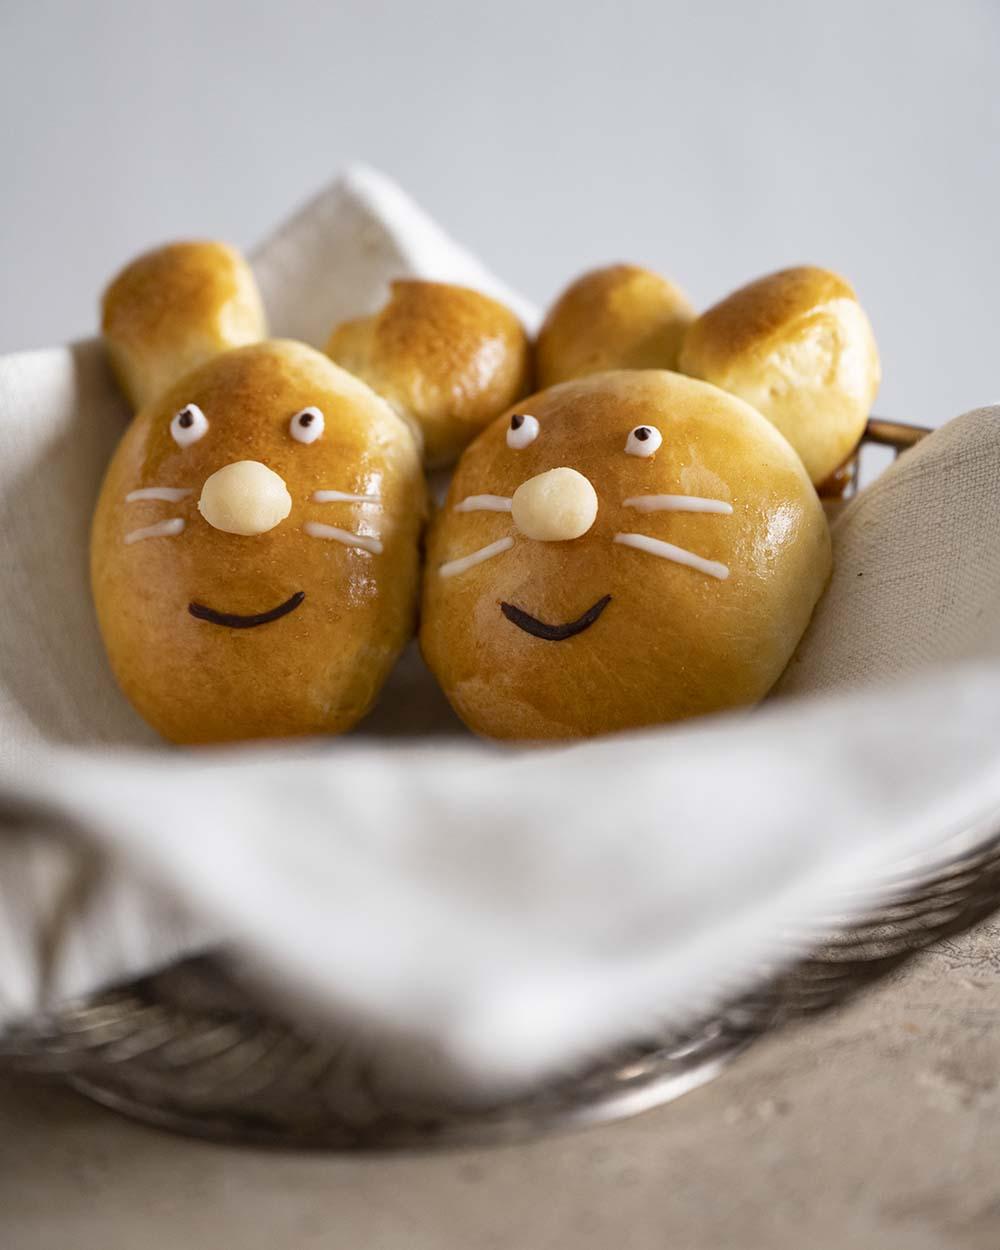 Zwei Hasen aus Hefeteig sind in einem Korb angerichtet. Sie sind ein tolles Gebäck zu Ostern.